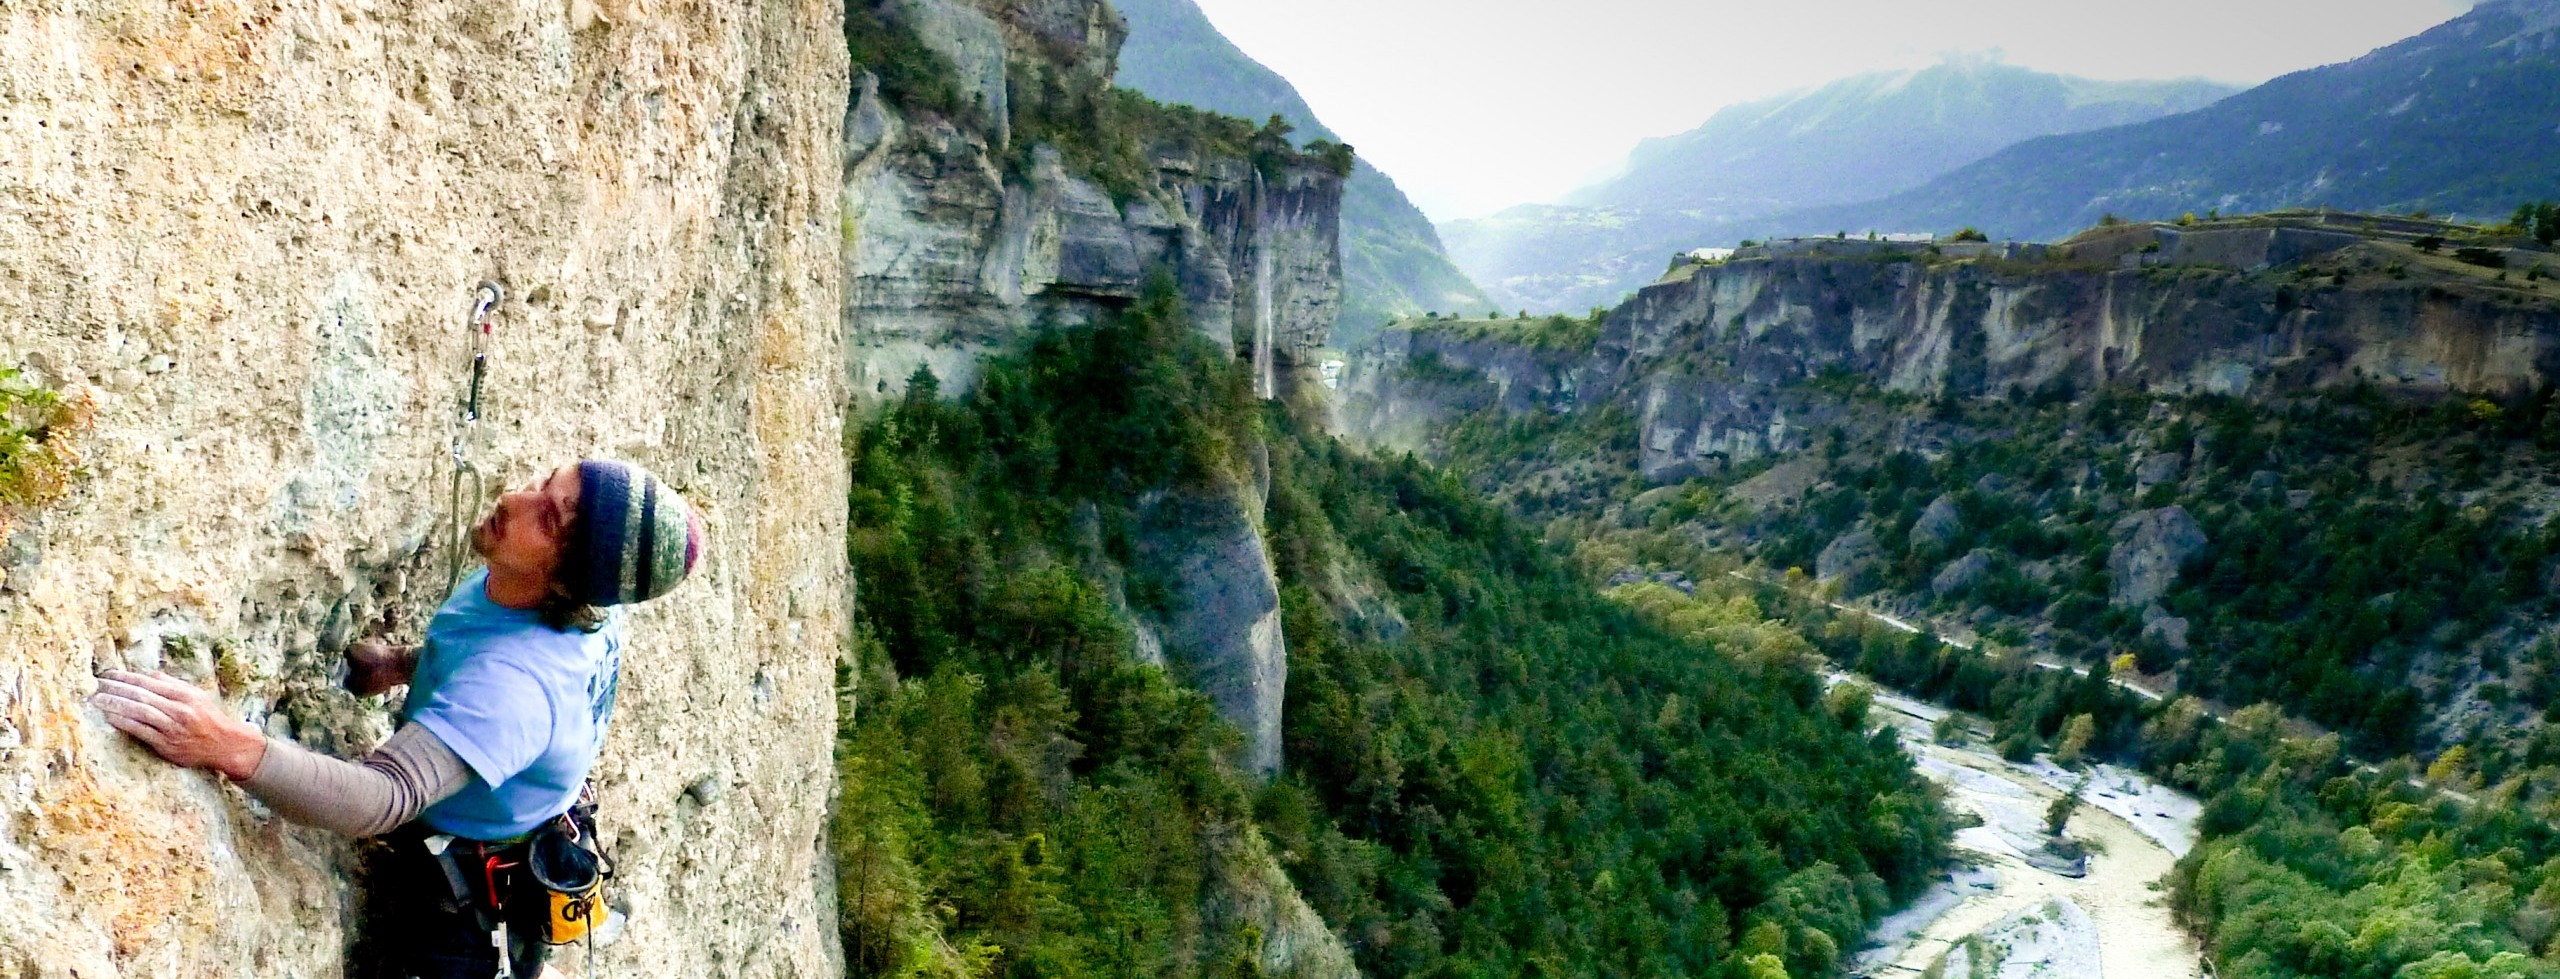 L'escalade autour de guillestre est multiples. Grande voie dans la vallée d'ailefroide, escalade de bloc au pied du massif des Écrins,, il y en a pour tout les goûts.